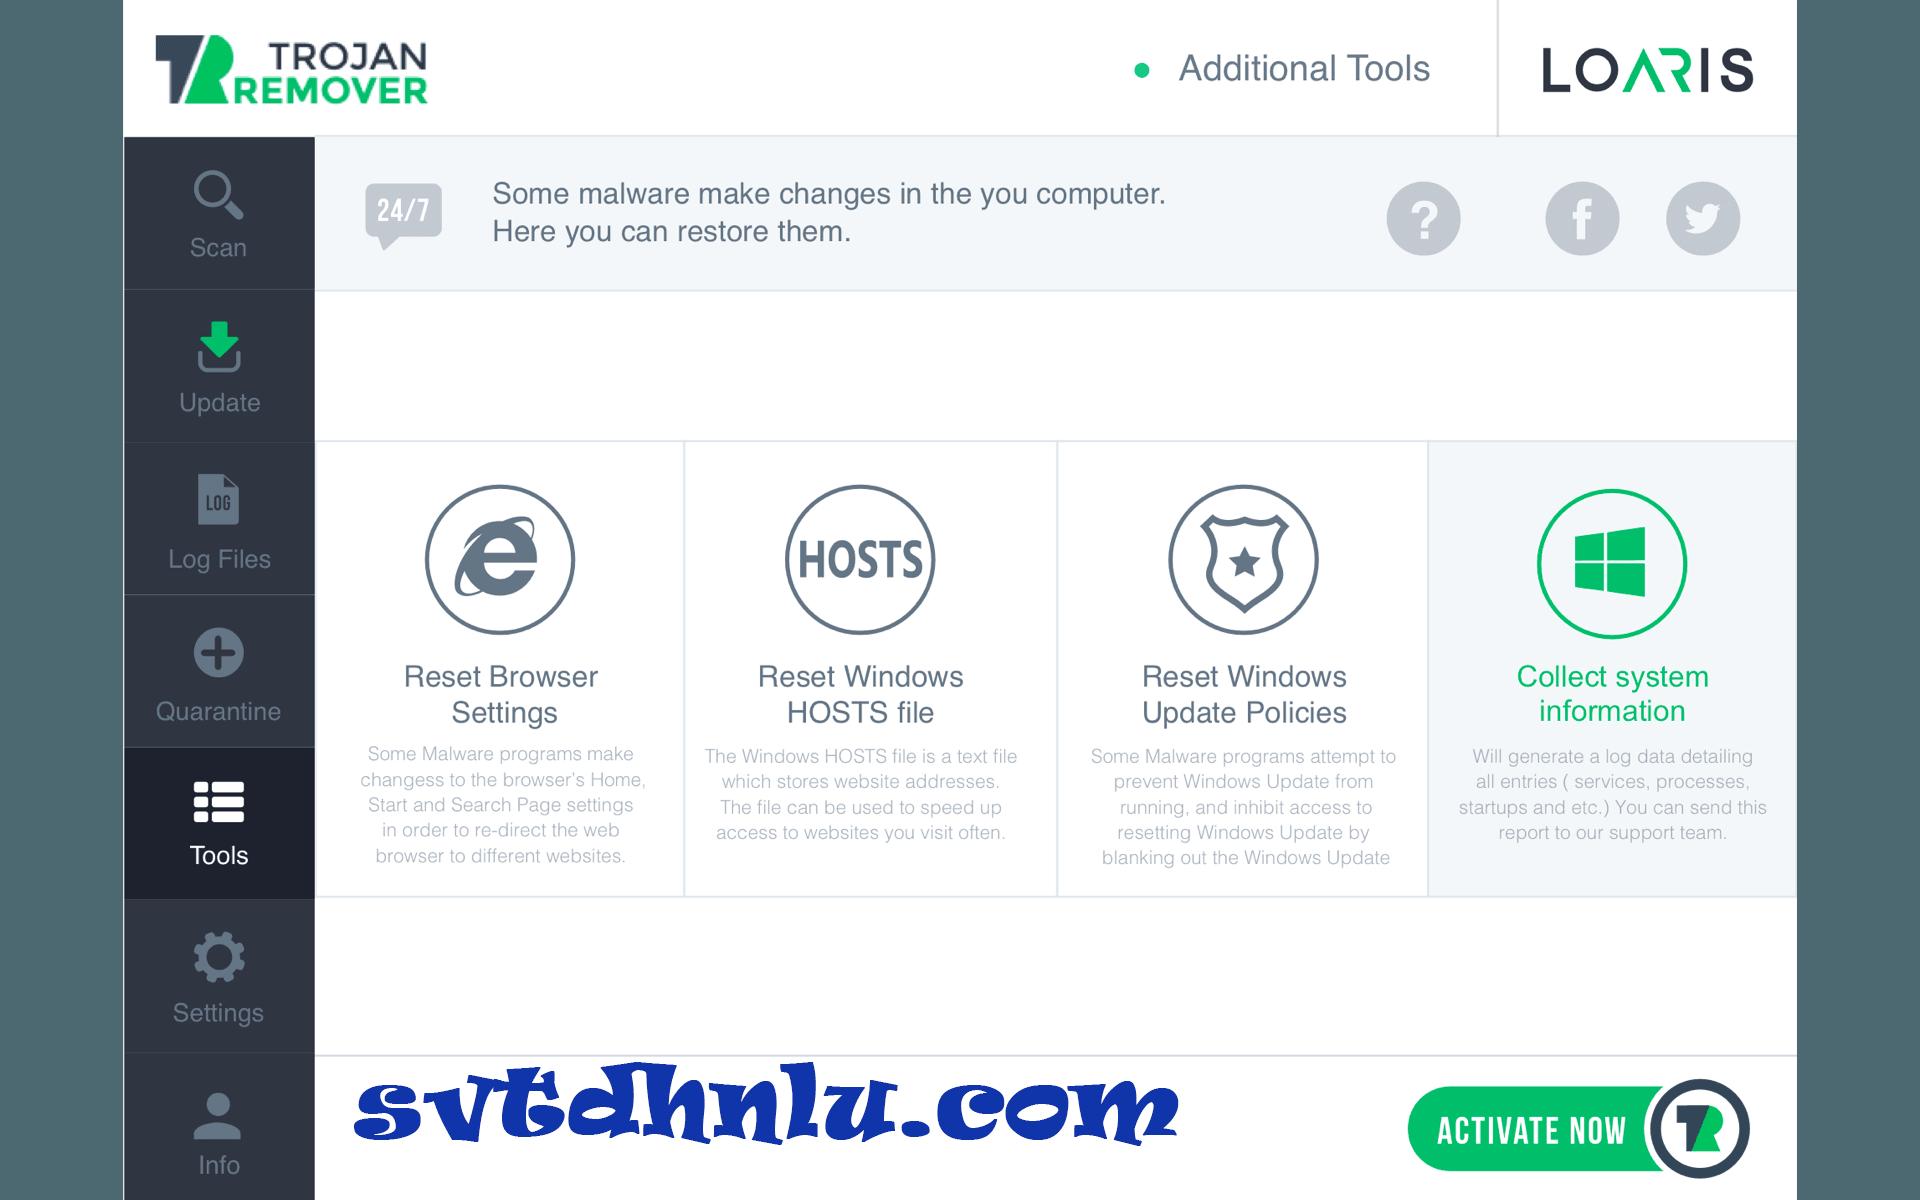 Download Loaris Trojan Remover - Diệt virus, trojan, bảo vệ máy tính